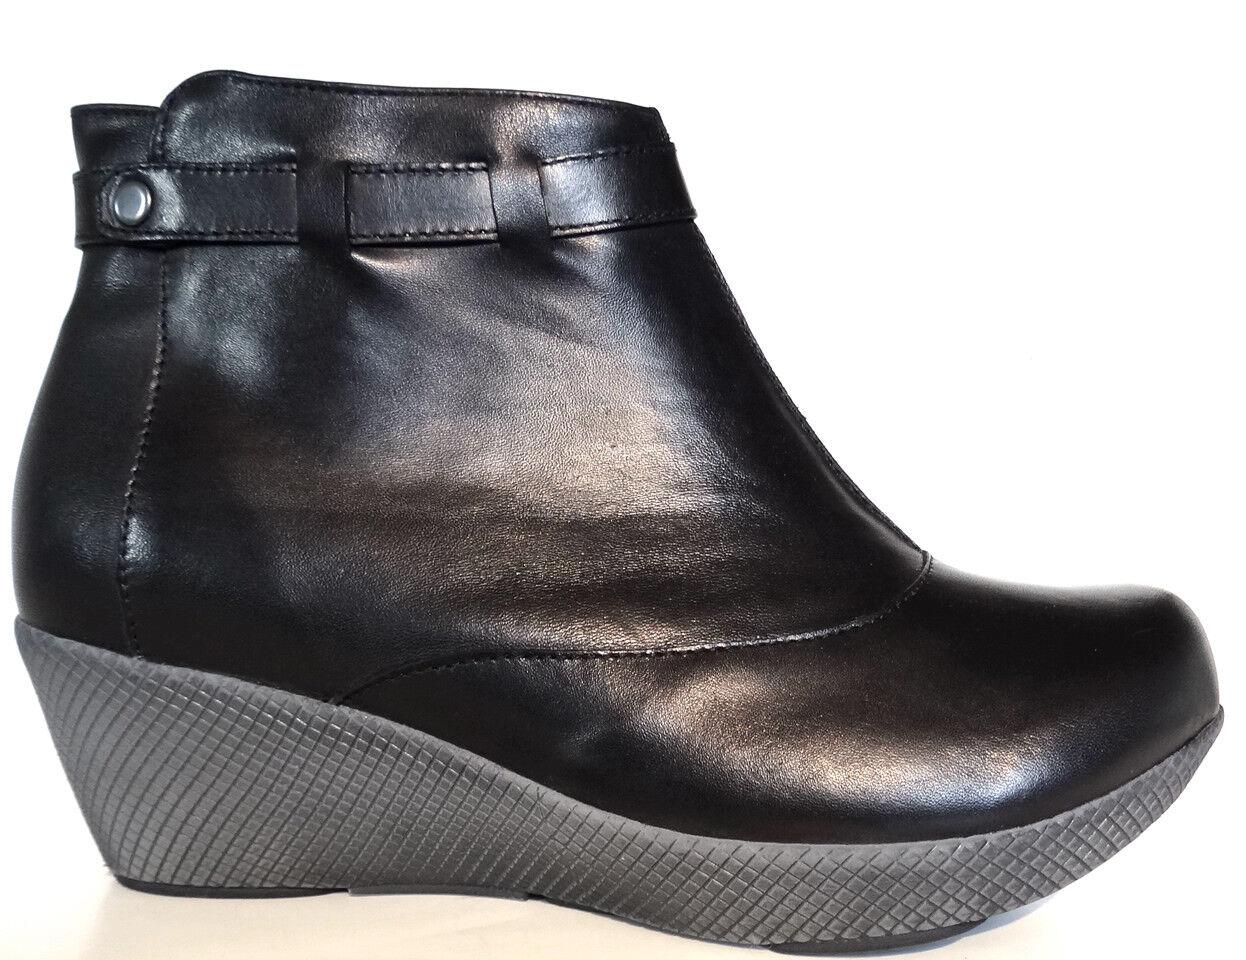 Zapatos de Cuero Negro Nicole OGS Ancho Botines Extra Ancho Ancho Ancho 3E  todos los bienes son especiales